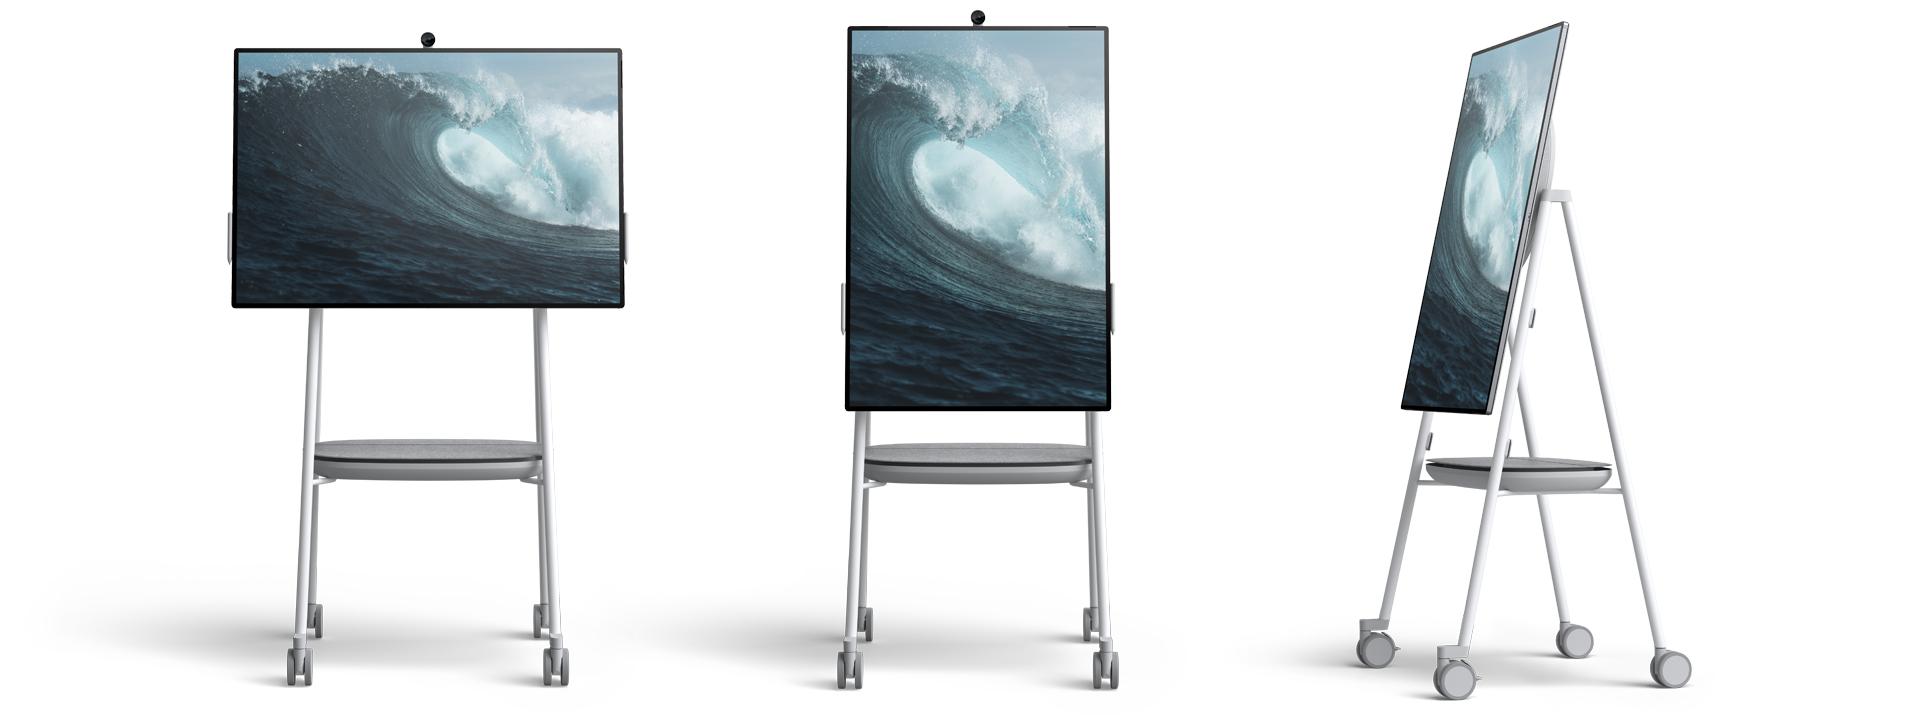 Tre Surface Hub 2S smarta plattor visas på ett mobilt rullande stativ utformat av Steelcase